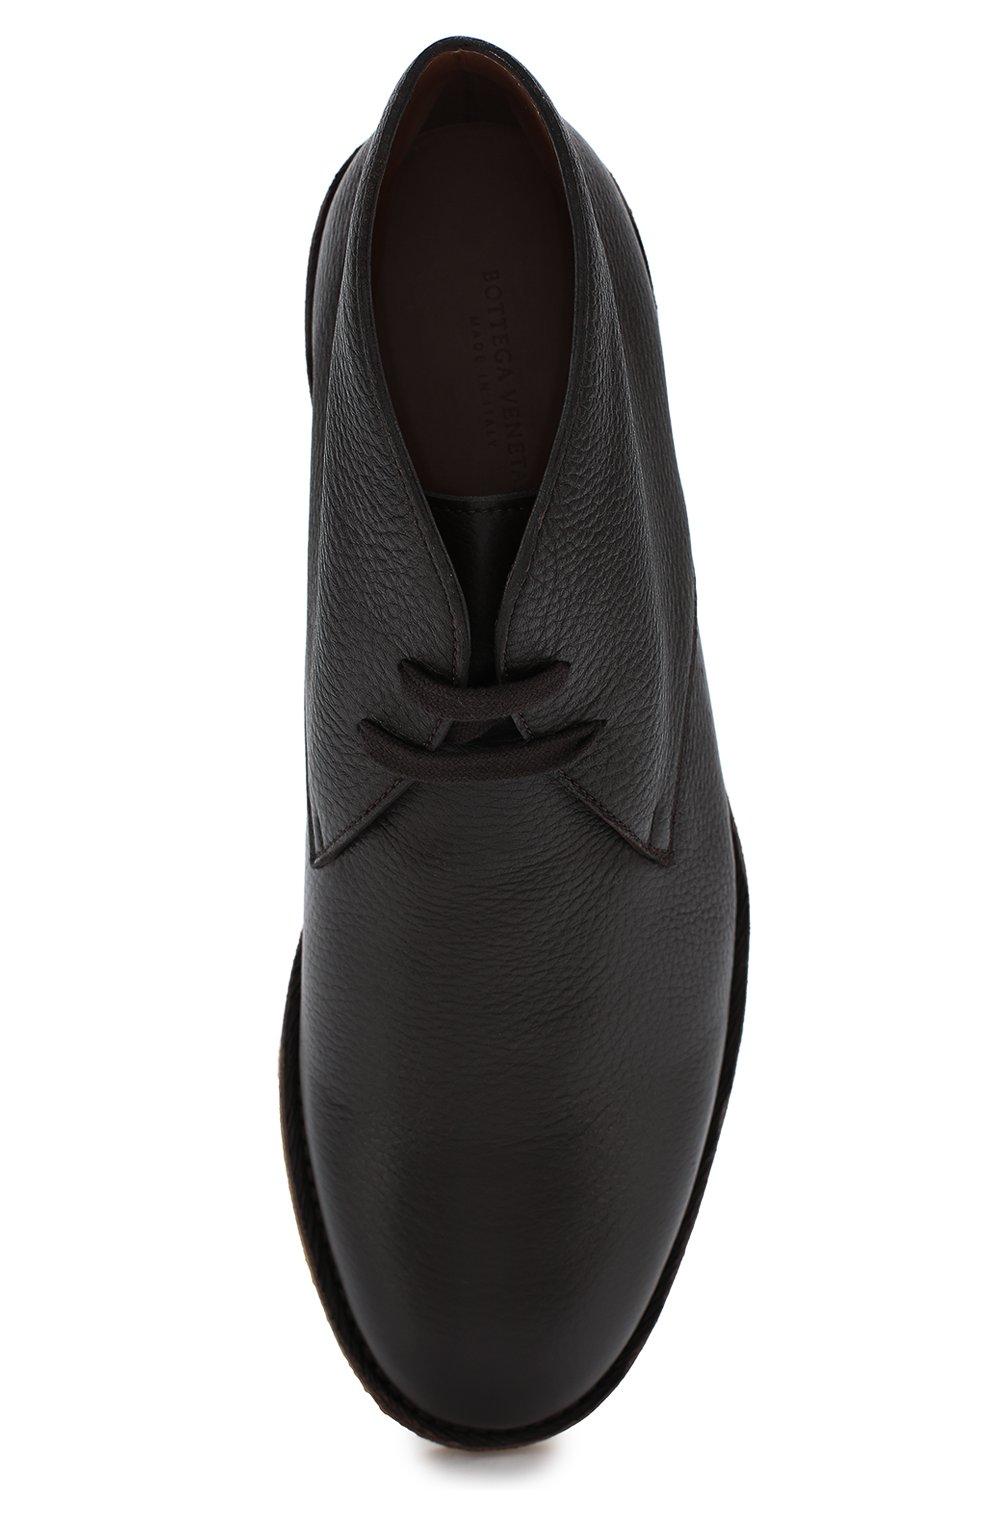 bedd2d0fc325 Кожаные ботинки на шнуровке